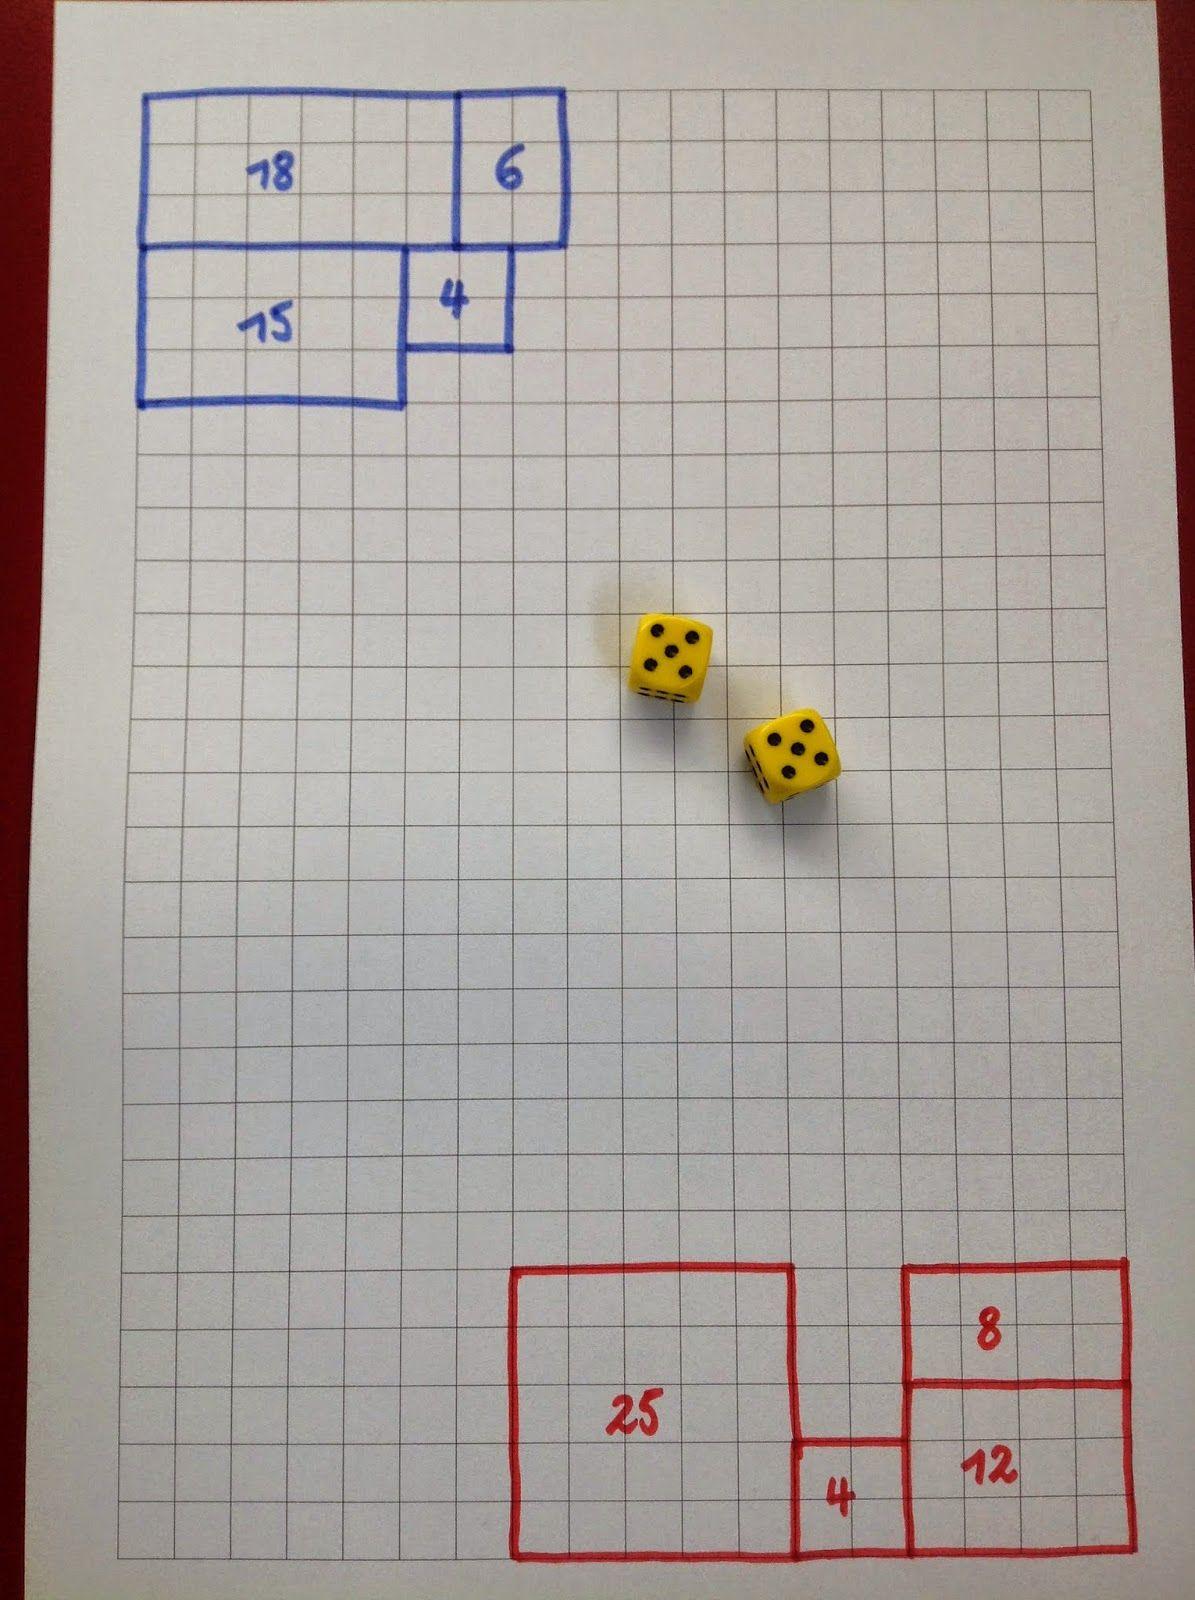 Pin von Баги auf Как рисовать | Pinterest | Spiel, Schule und Mathe